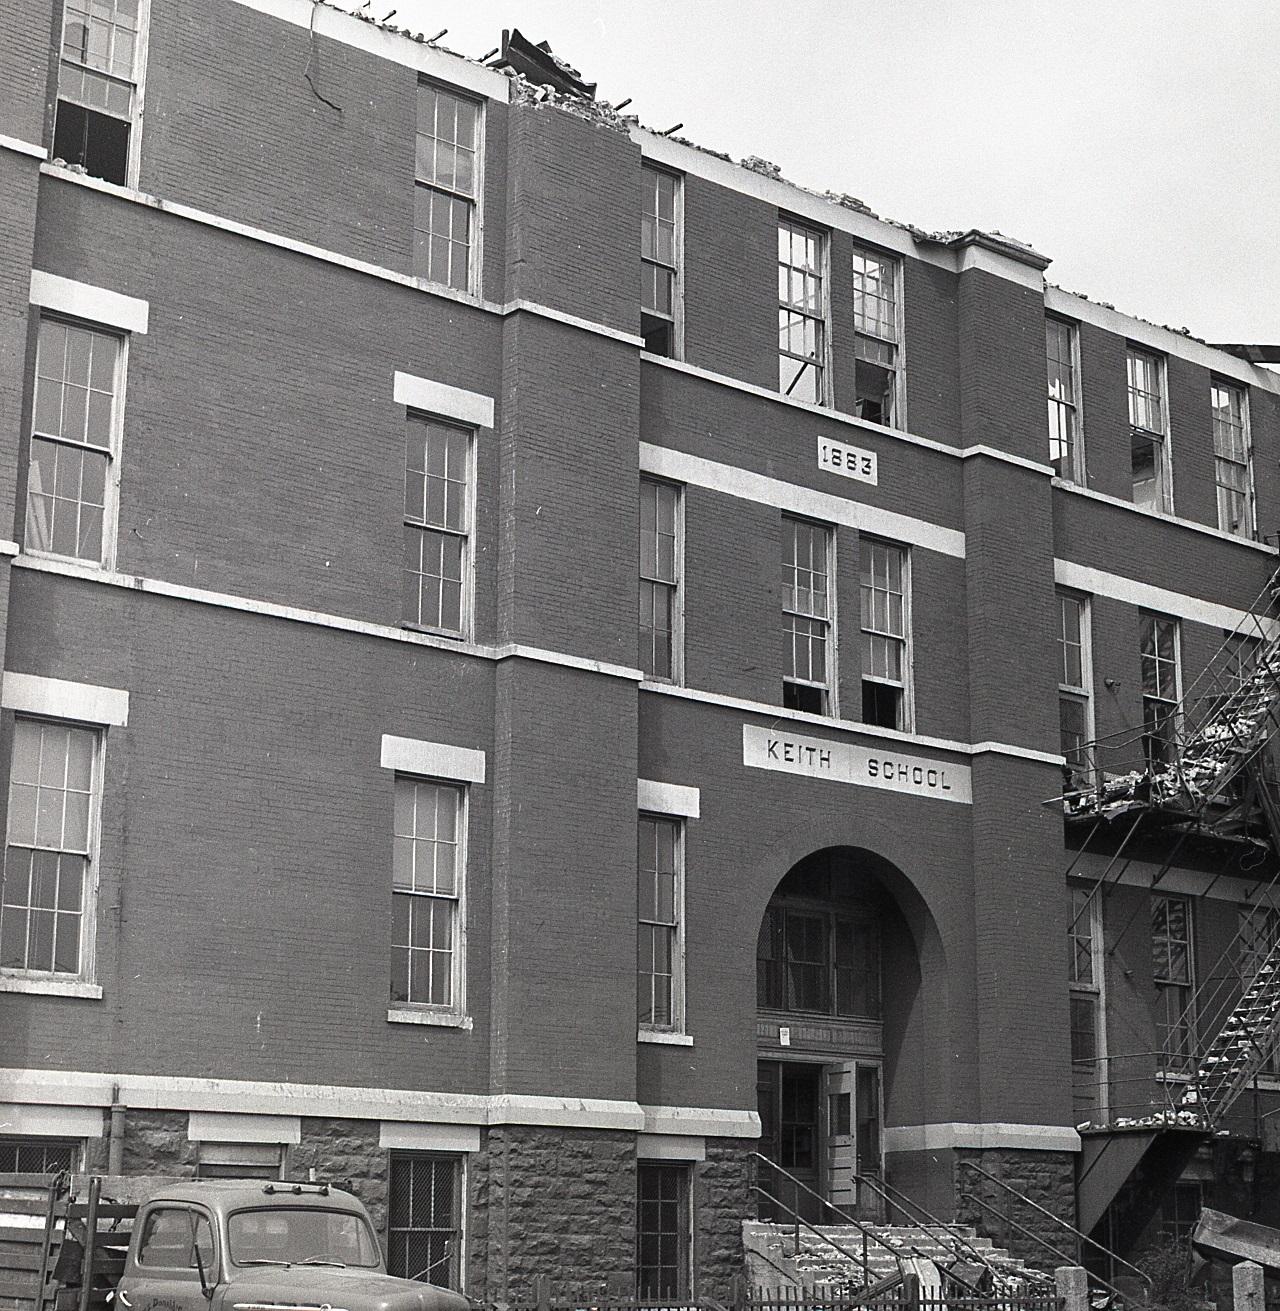 Keith School during demolition